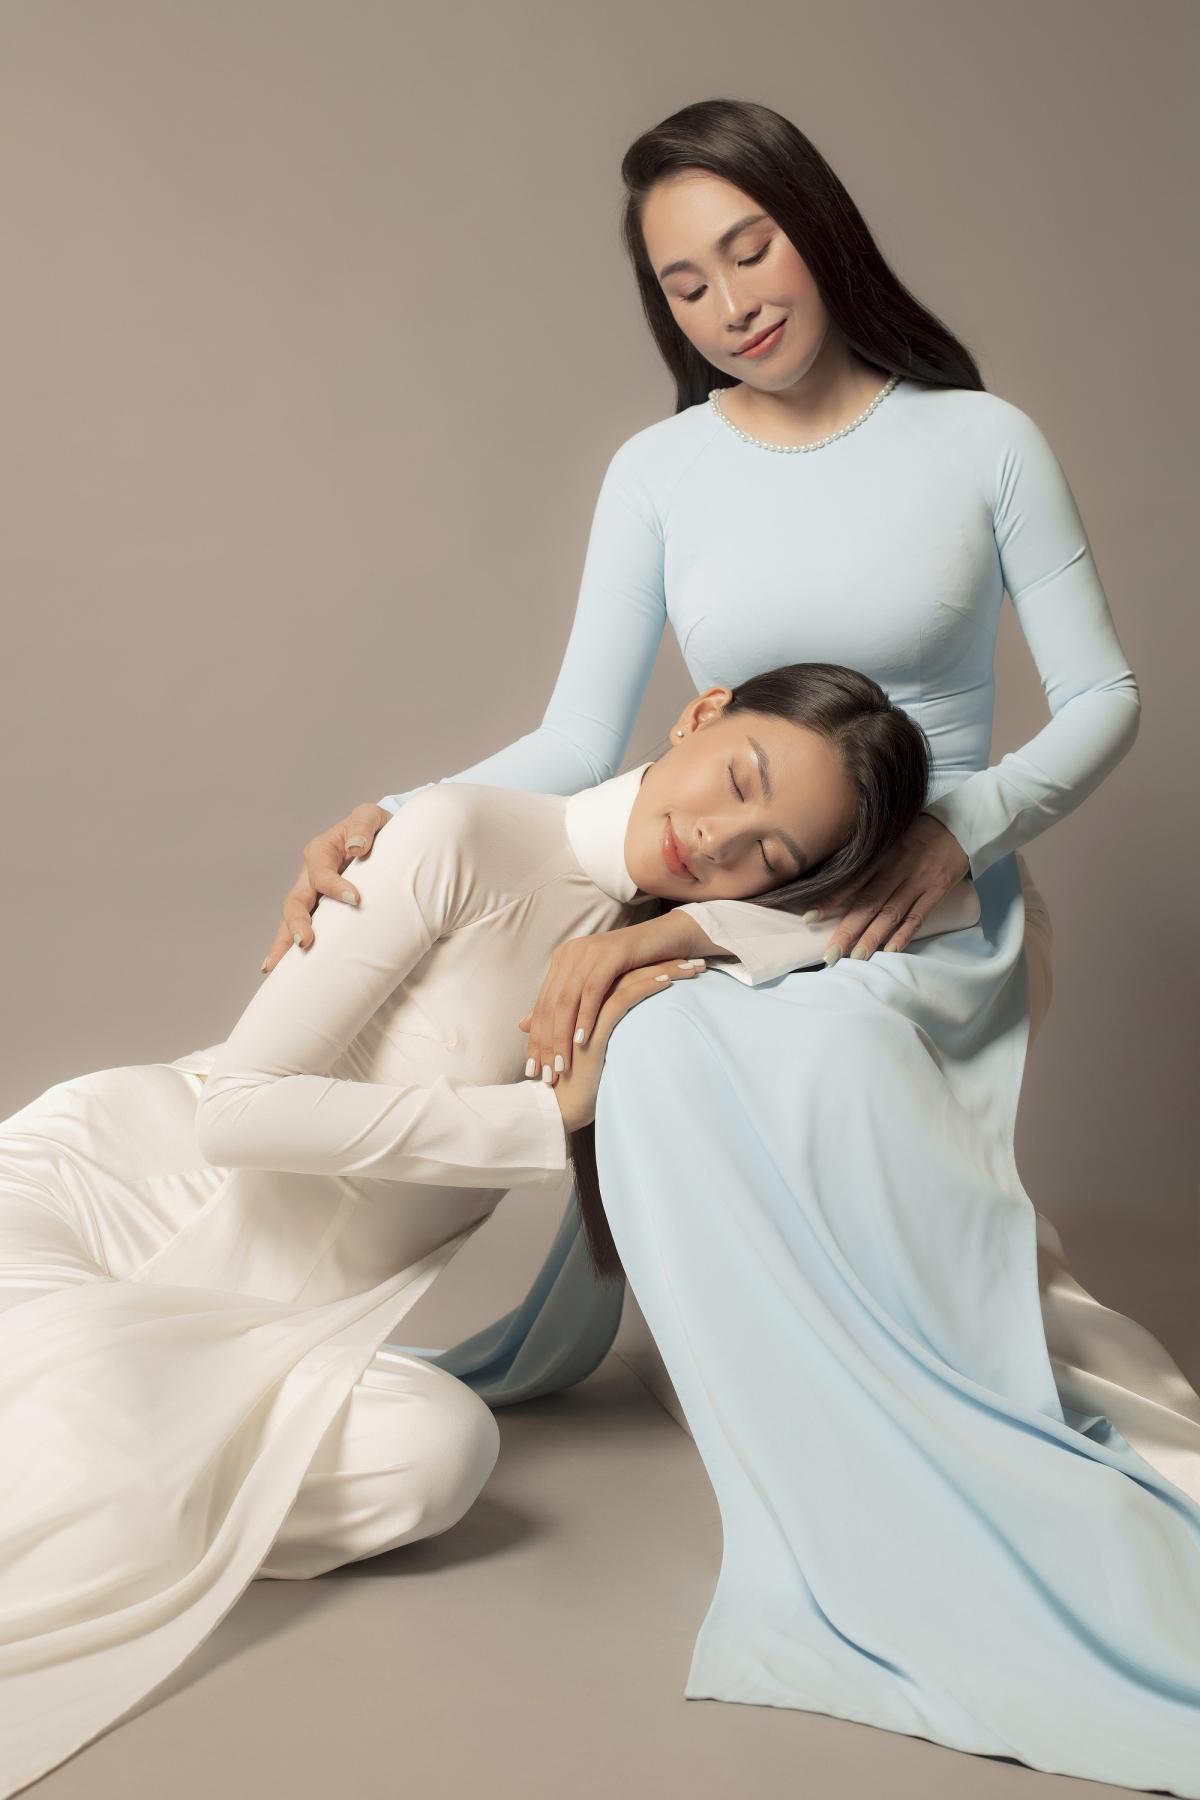 Mẹ của Trần Tiểu Vy khẳng định không muốn quan tâm đến những lời thị phi hay chỉ trích từ đám đông vì chị tin rằng con gái mình vẫn còn thời gian dài để trưởng thành và cố gắng.